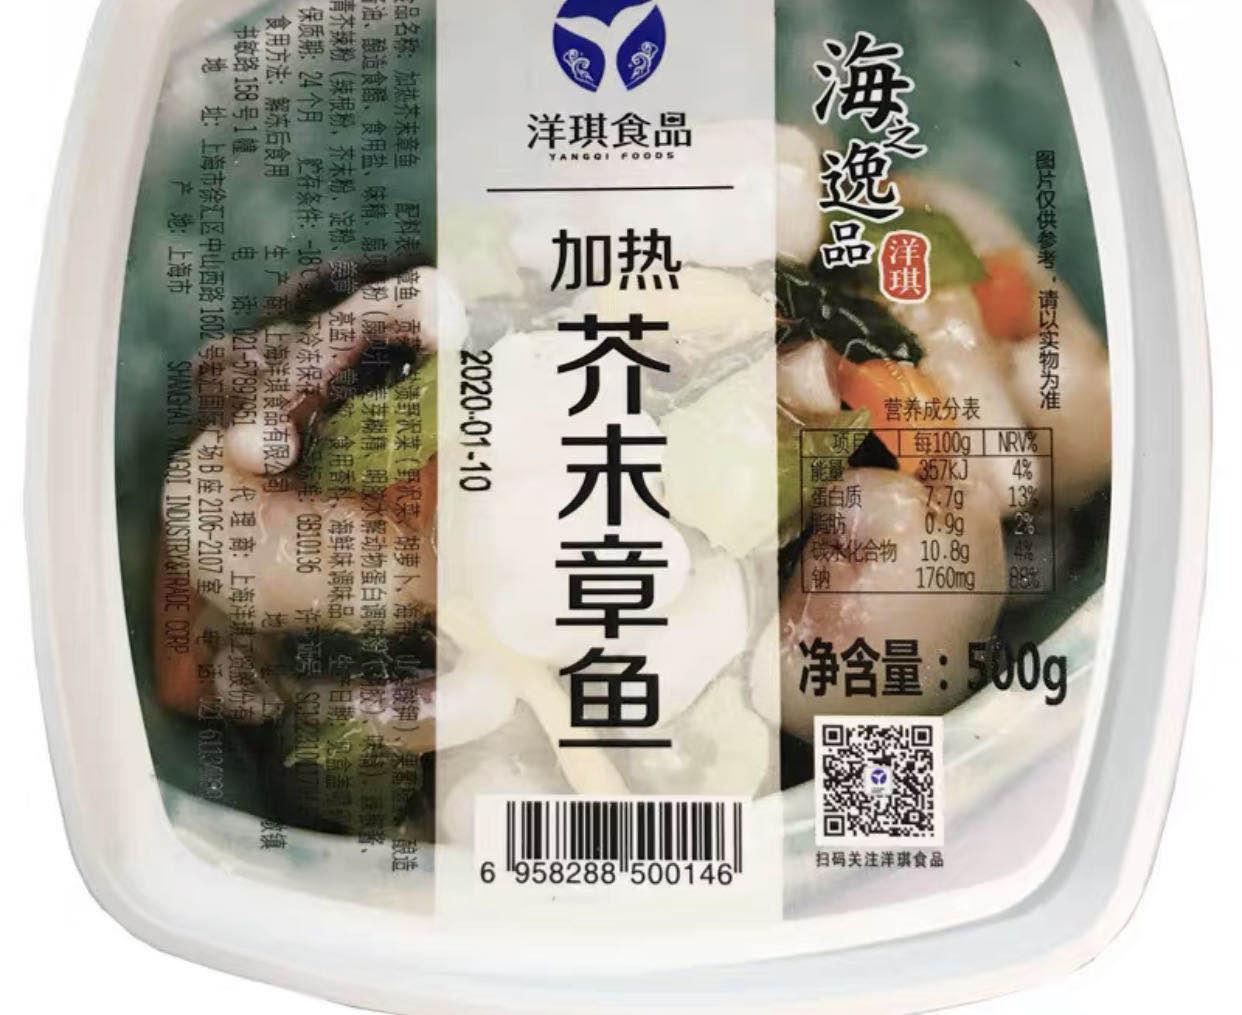 日韩寿司料理 正宗洋琪加热芥末章鱼500G 解冻即食 美味可口